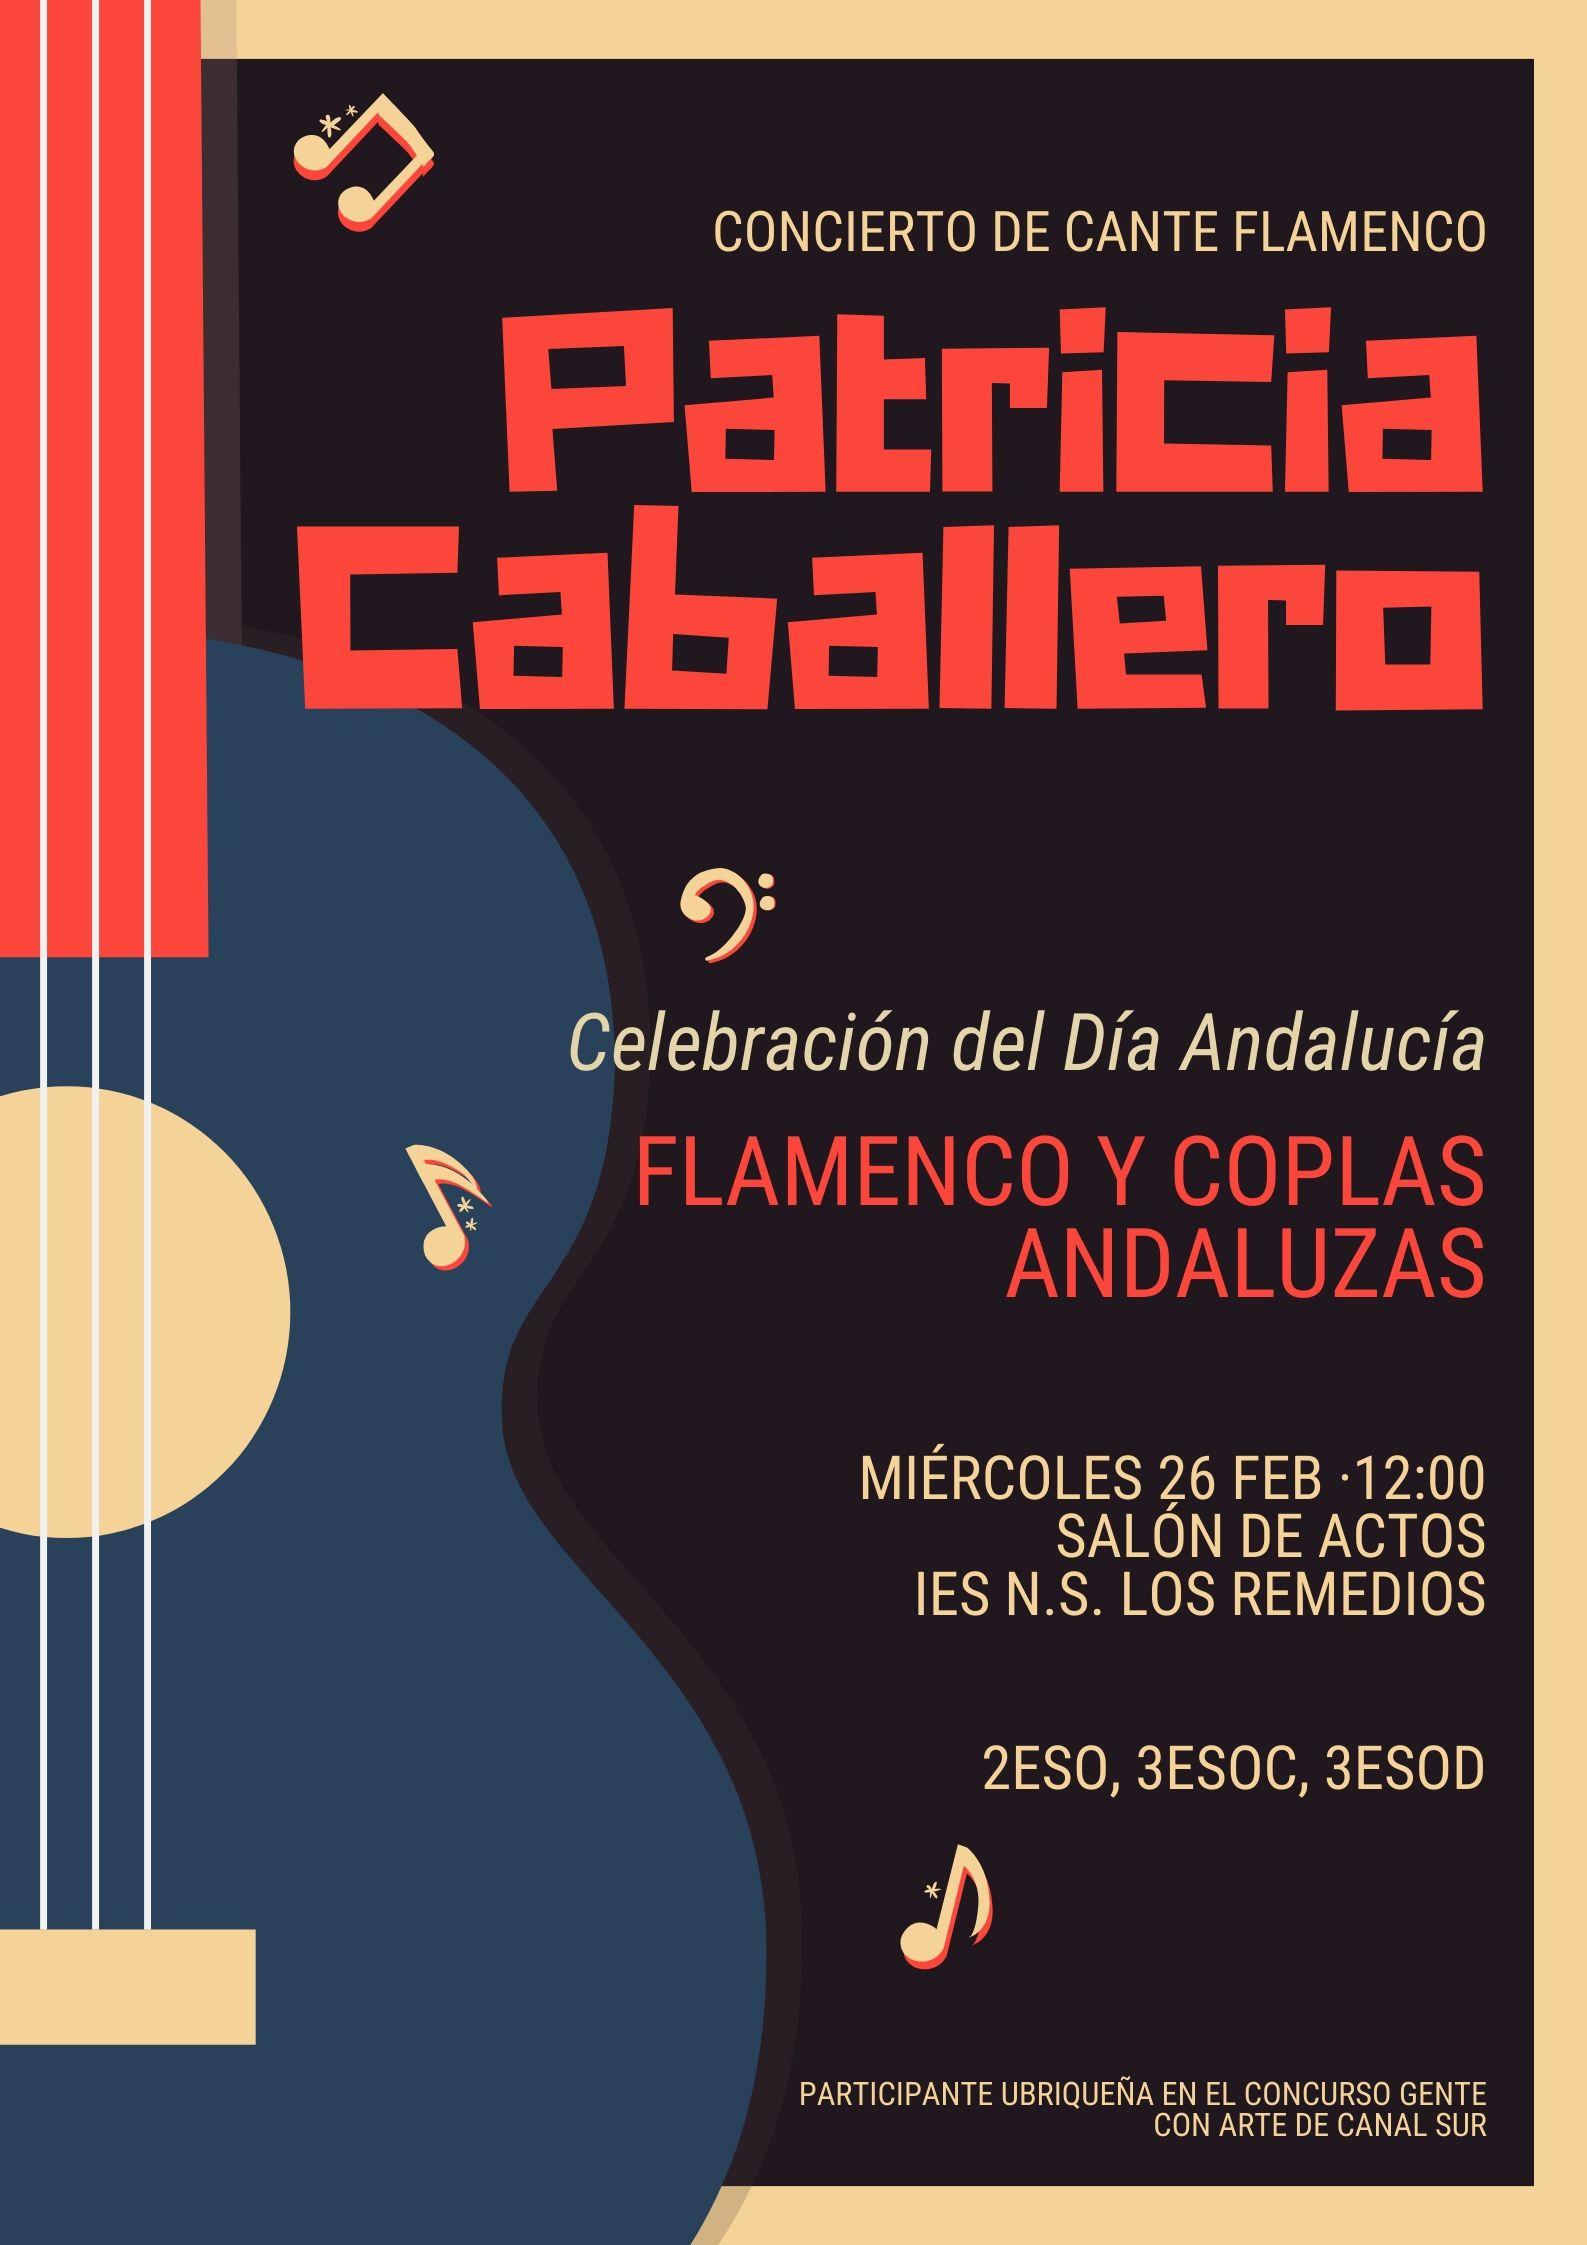 Cartel Concierto Cante Flamenco